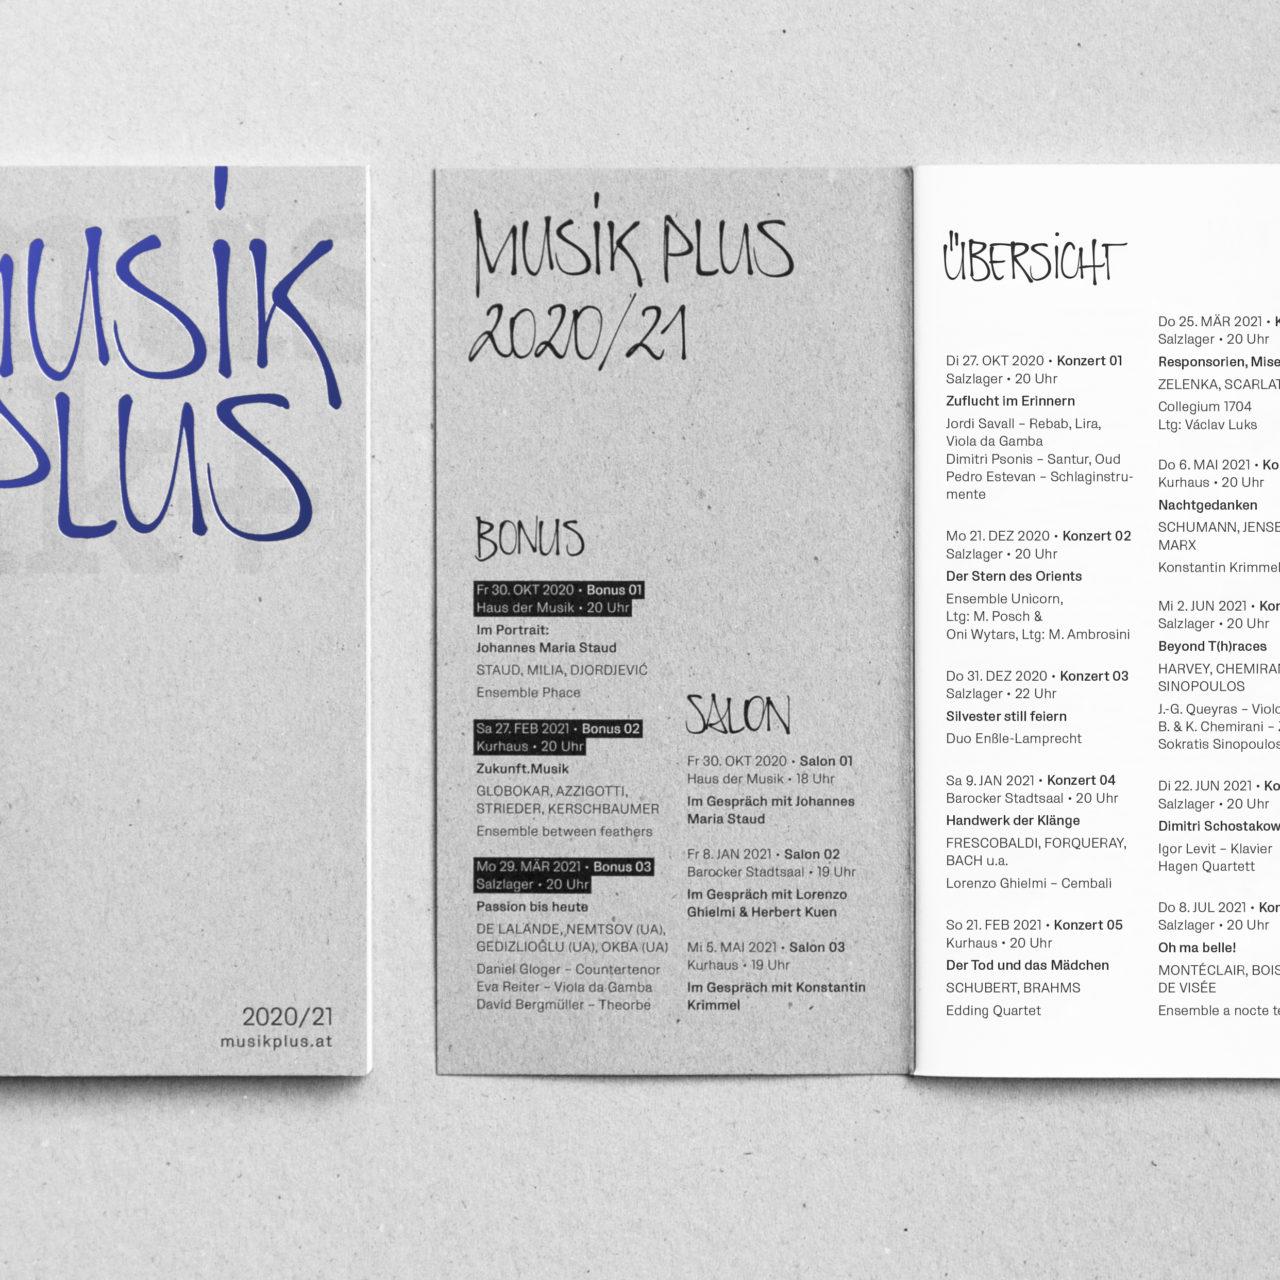 musik+ 2020/21 Programmfolder